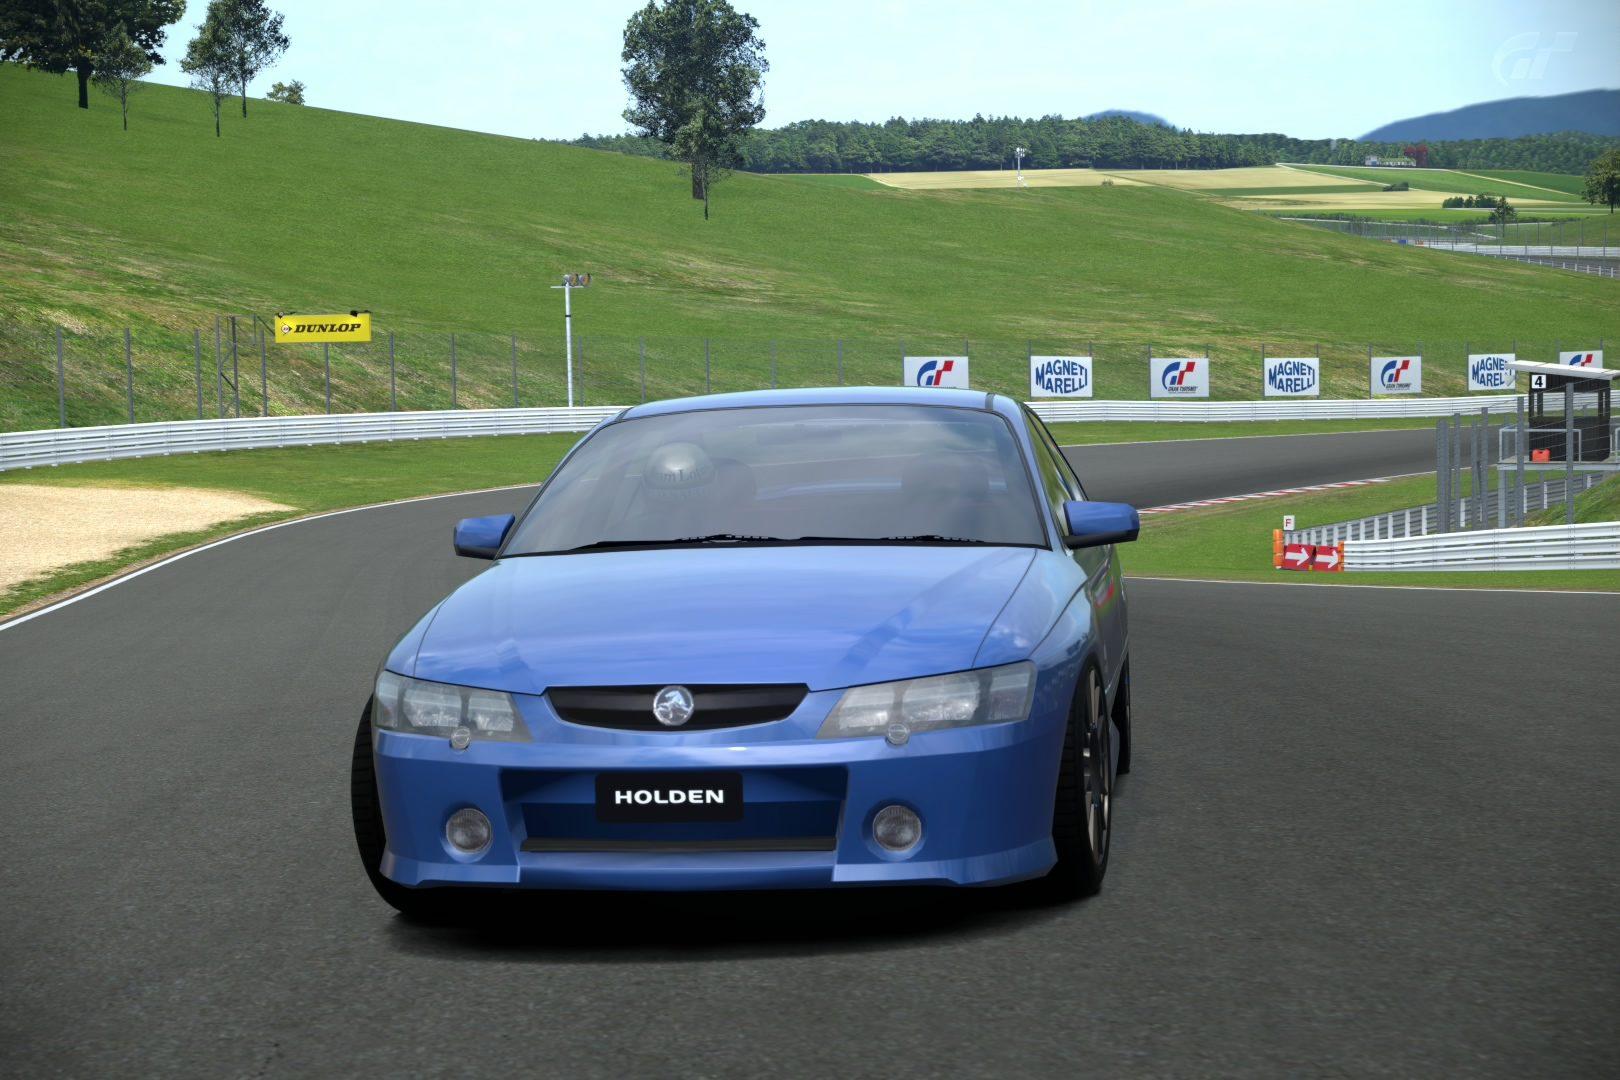 HoldenSS04Img1.jpg